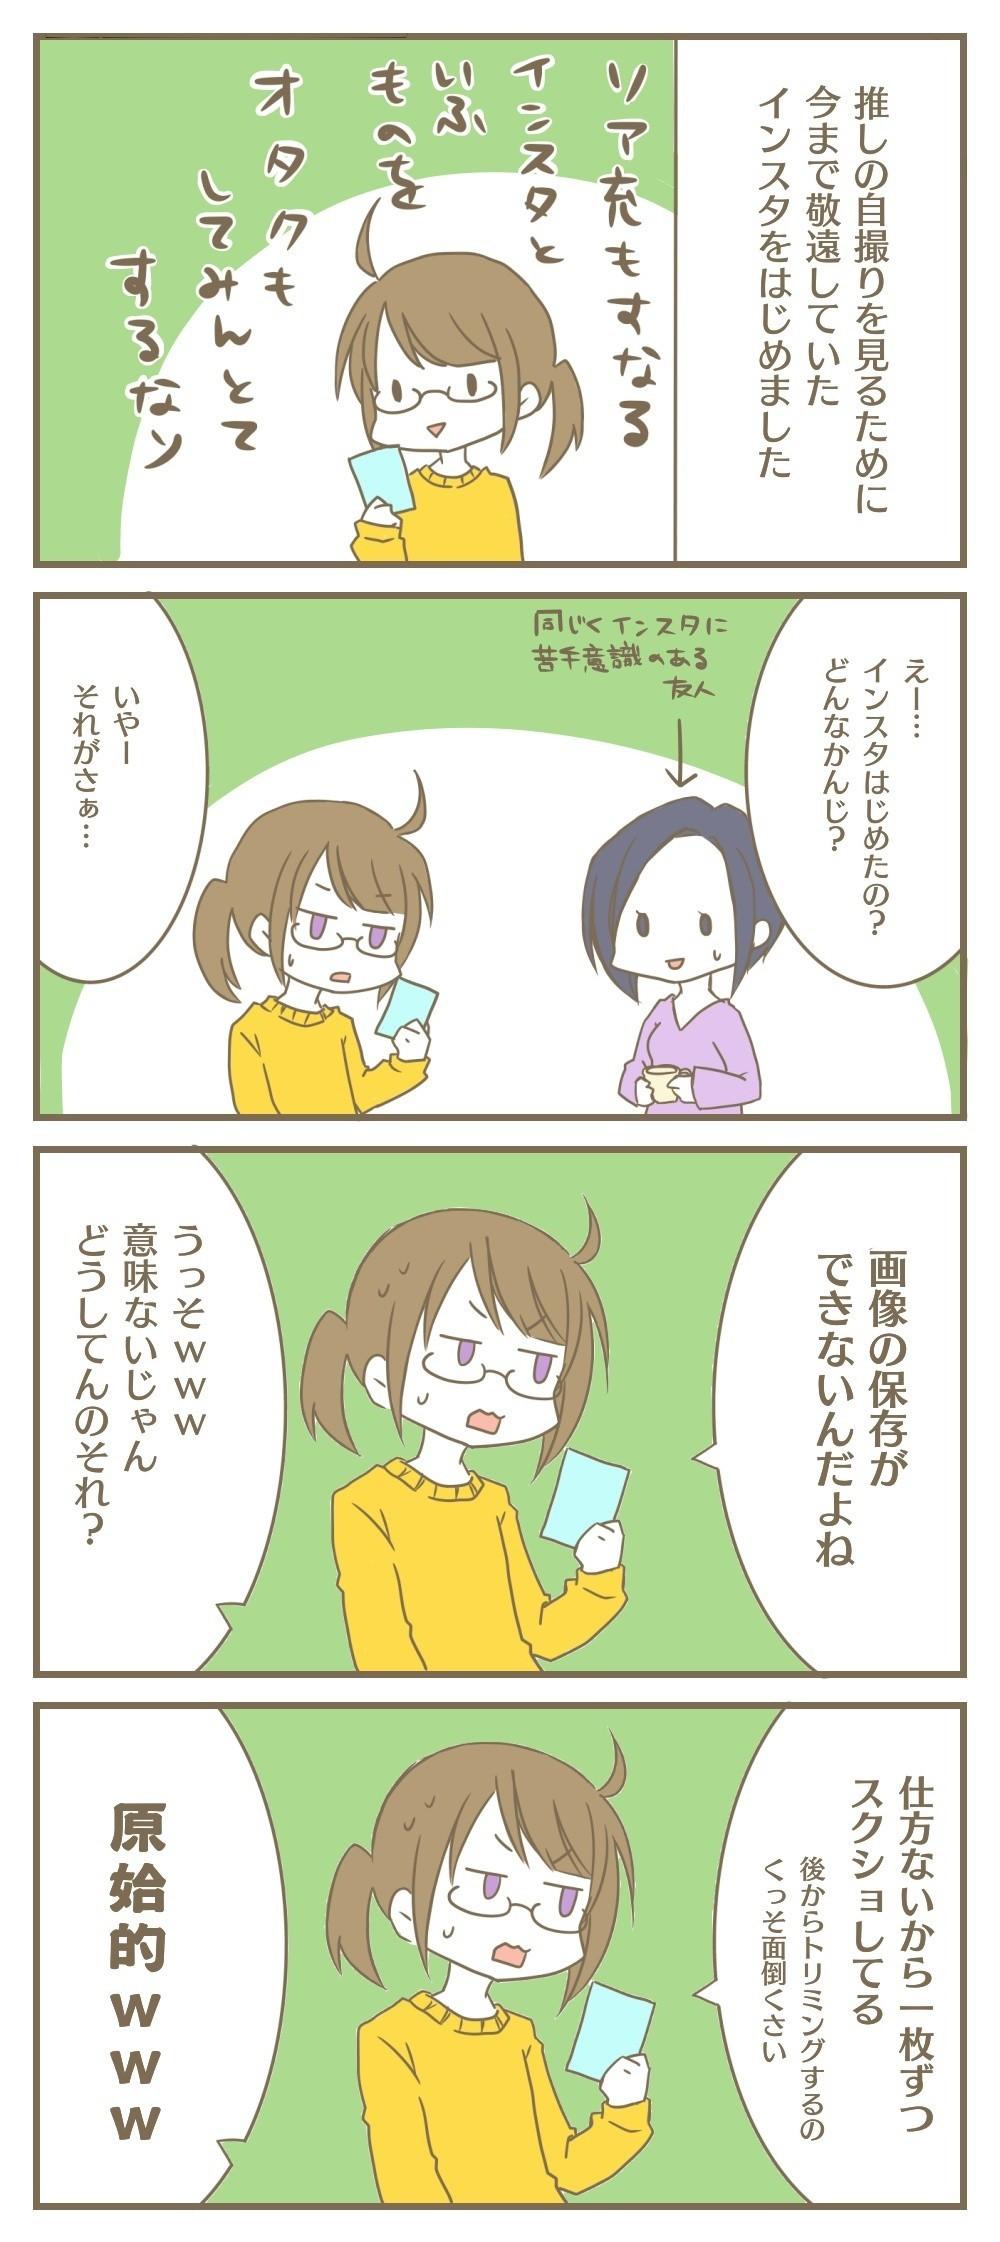 新規ドキュメント_2019-02-09_15.10.43